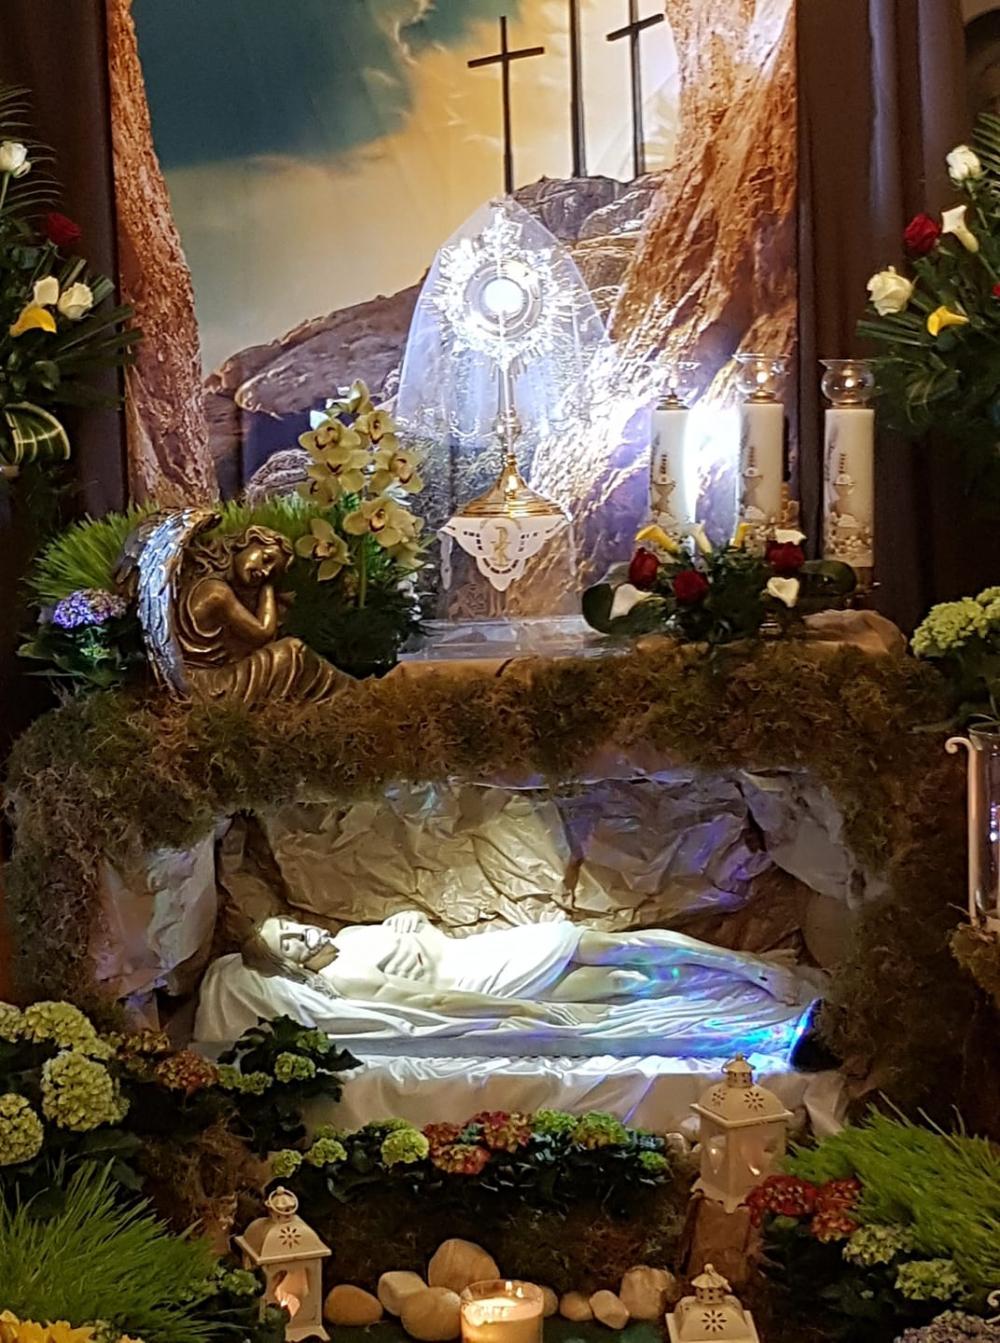 Życzenia Wielkanocne ks. Roberta i ks. Damiana